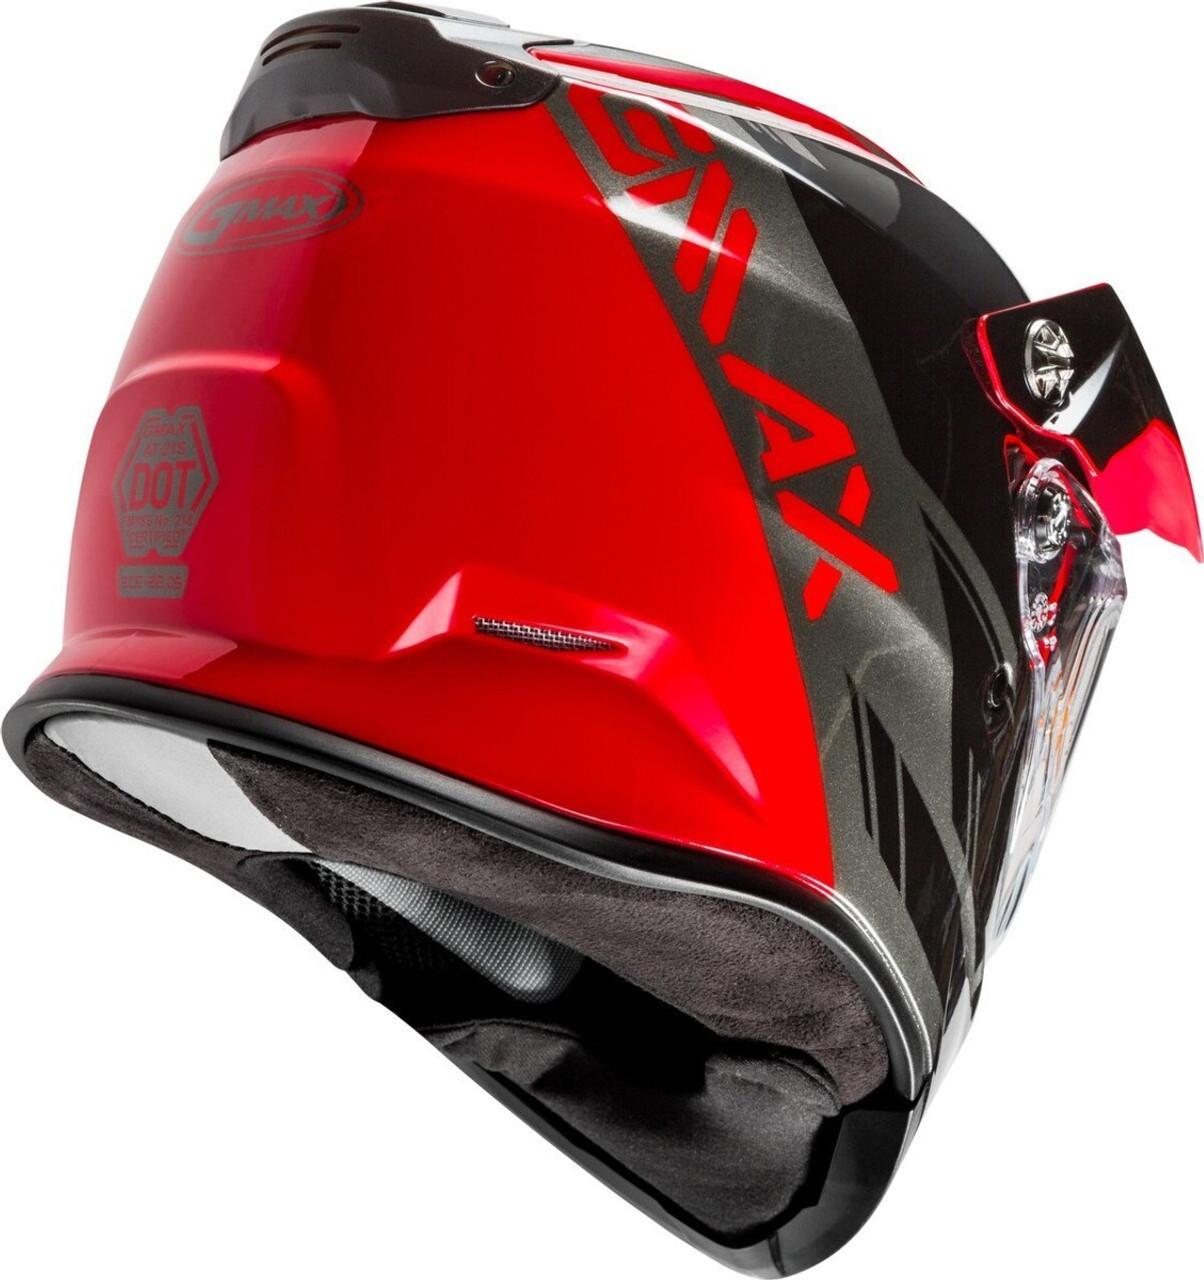 Youth AT-21Y Epic Snow Helmet